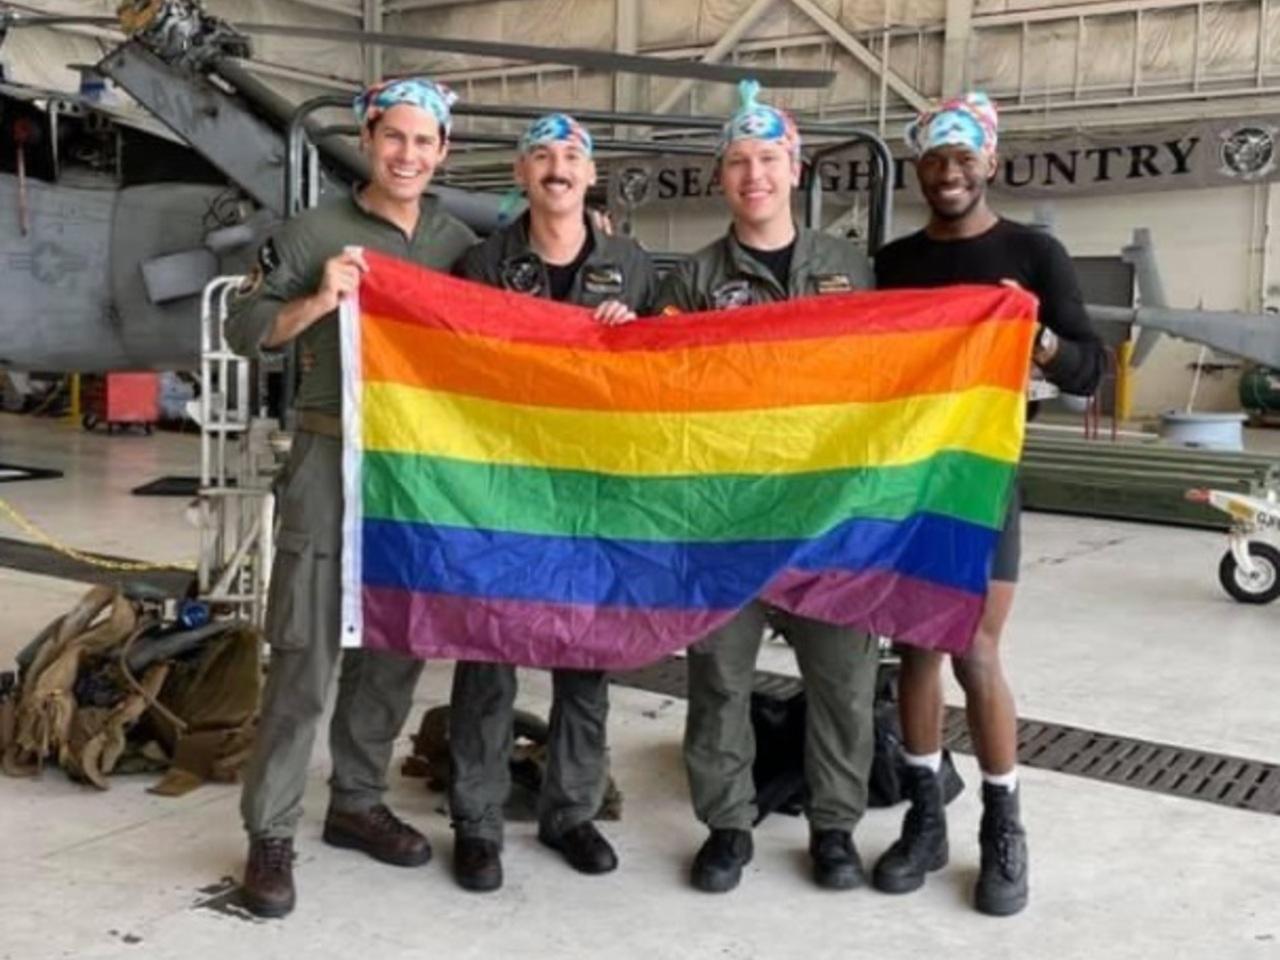 Появилось фото первого в истории гей-экипажа в армии США: Общество: Мир: Lenta.ru